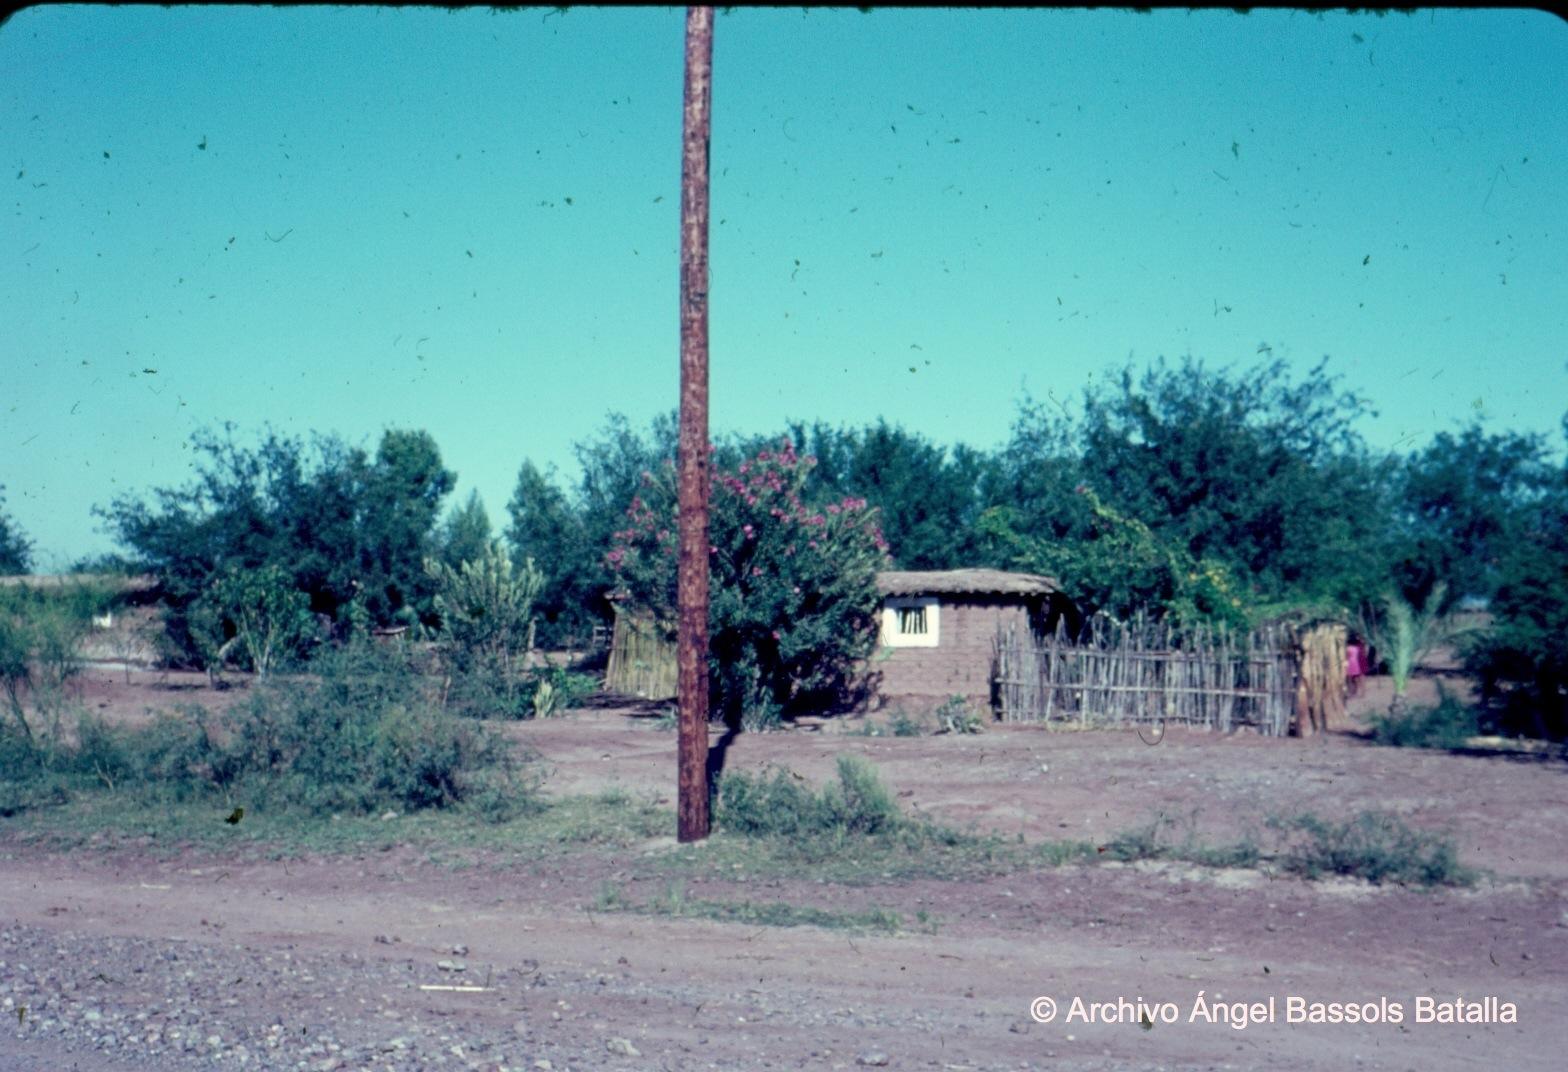 Casa rural de Huatabampo camino a Yavaros